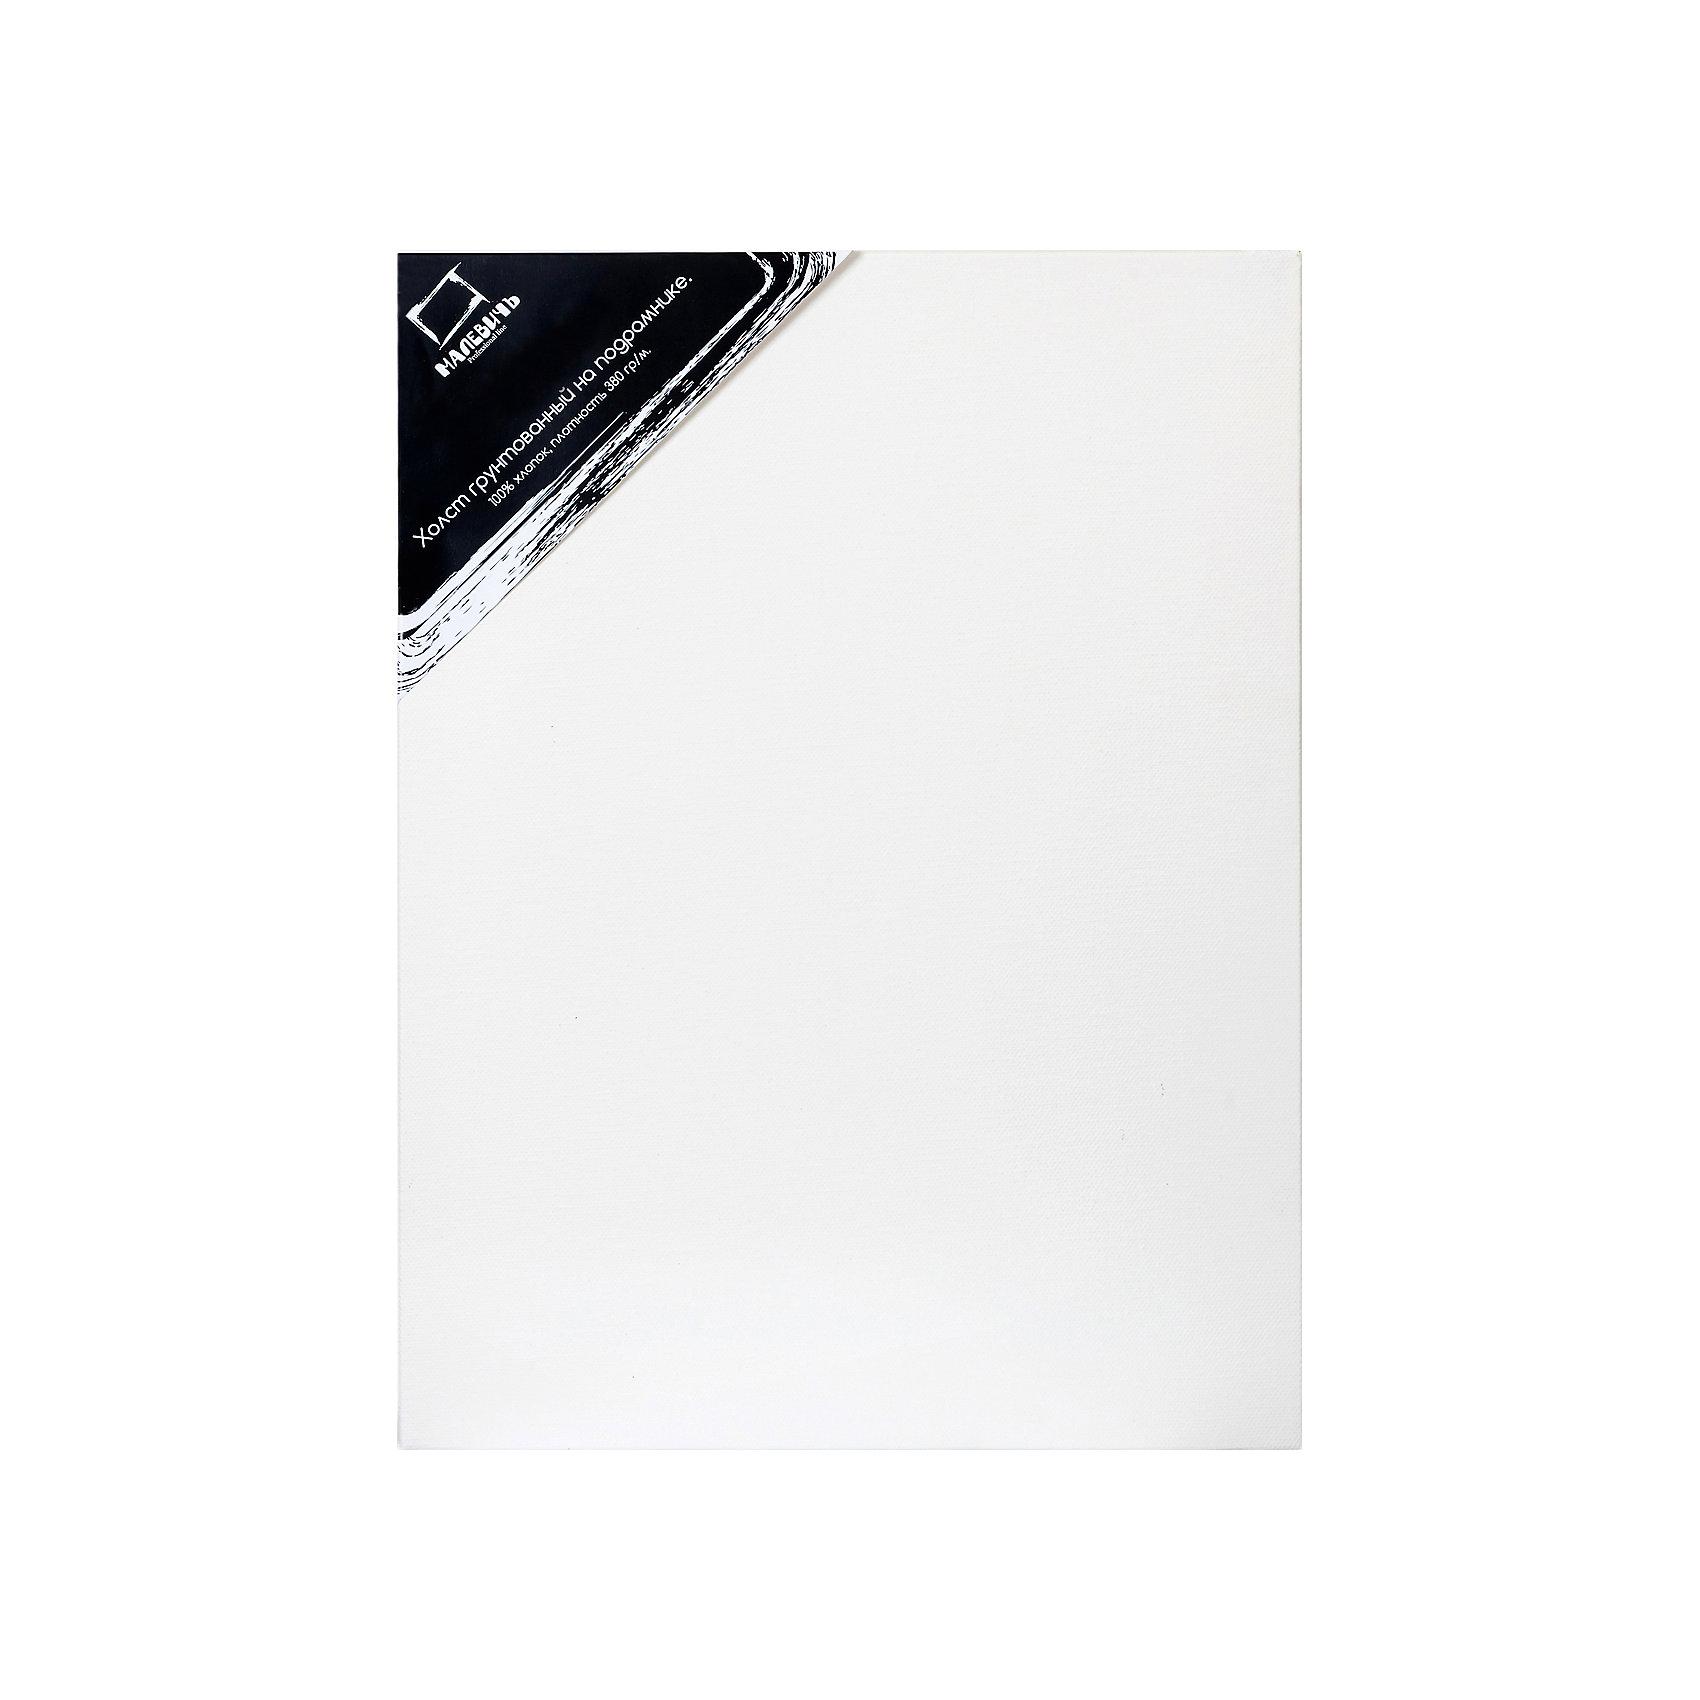 Холст на подрамнике Малевичъ, хлопок 380 гр, 50x60 смХолсты<br>Полностью готовые к работе холсты  для профессиональной живописи. Представляют собой грунтованное среднезернистое полотно из 100% хлопка плотностью 380 г/кв. м, натянутое на деревянный подрамник. В комплект входят клинья, позволяющие регулировать степень натяжения полотна. Гладкая поверхность хлопкового полотна удобна для предварительных набросков, а повышенная плотность холста позволяет использовать его для картин большого формата. Все холсты Малевич изготавливаются из 100% натуральных материалов и проходят тестирование профессиональными художниками.<br><br>Холсты на подрамниках Малевич:<br><br>•    изготовлены из плотного натурального полотна без узелков и неровностей<br>•    профессионально натянуты и загрунтованы<br>•    экономят время художника – сразу же можно приступать к работе<br>•    подходят для любого вида красок, кроме акварельных (для которых у нас есть Акварельные холсты)<br>•    гладкая поверхность удобна для карандашных набросков<br><br>Ширина мм: 500<br>Глубина мм: 600<br>Высота мм: 20<br>Вес г: 750<br>Возраст от месяцев: 84<br>Возраст до месяцев: 2147483647<br>Пол: Унисекс<br>Возраст: Детский<br>SKU: 6757435